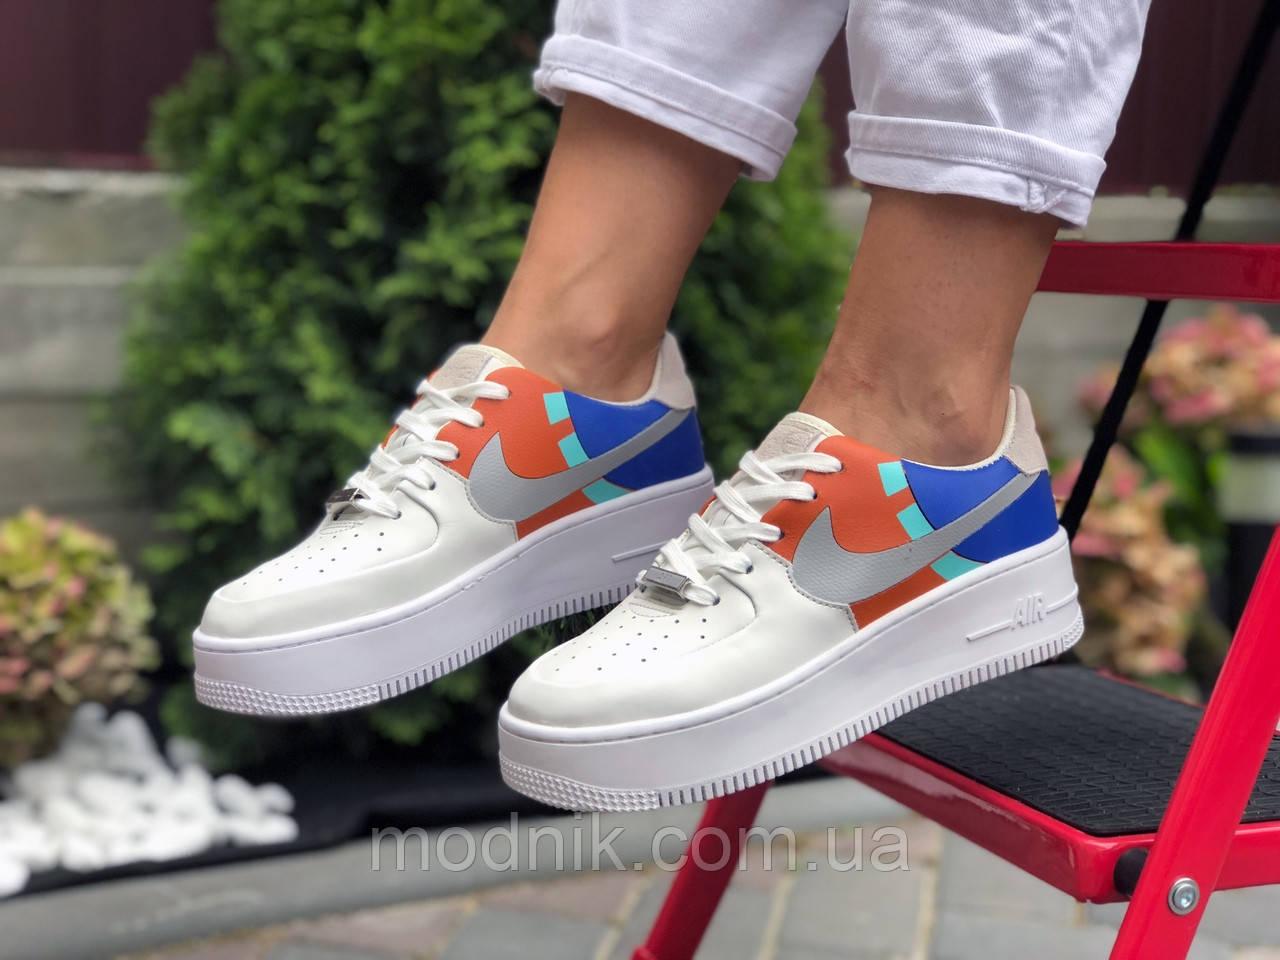 Женские кроссовки Nike Air Force 1 (бело-рыжие) 9679